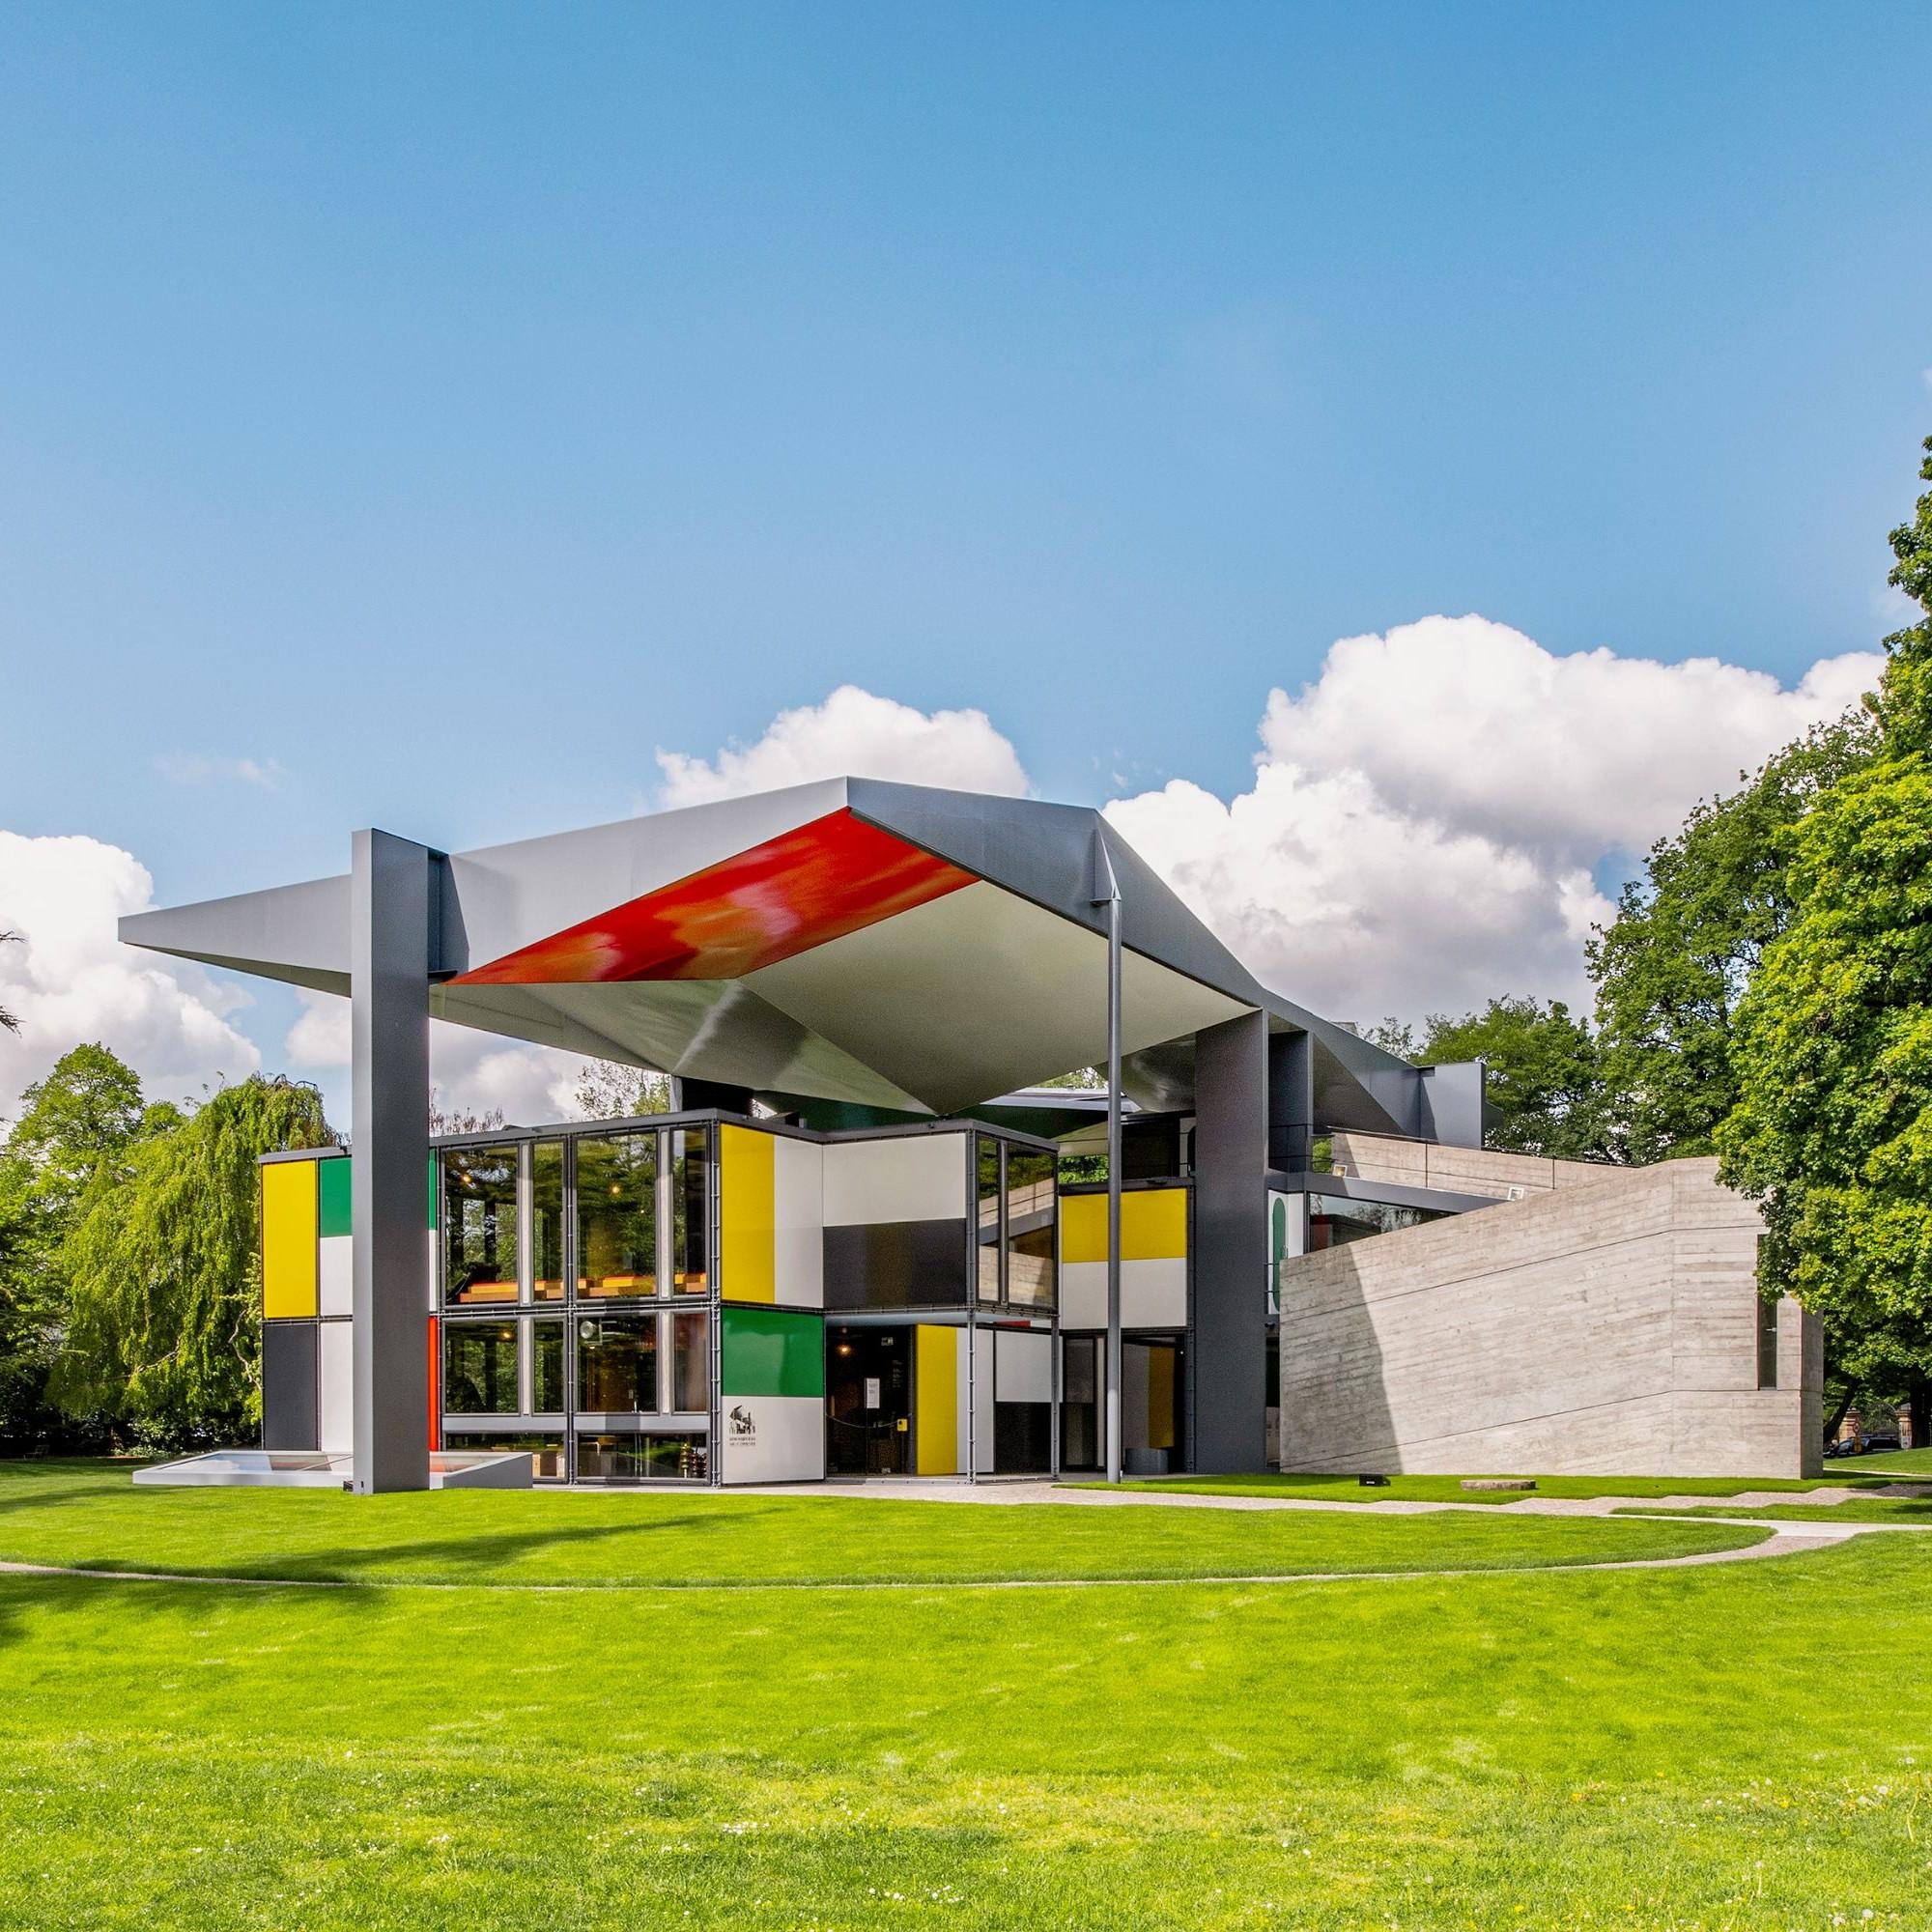 Blick vom Dach auf den Eingangsbereich. Die Emailplatten folgen einem von Le Corbusier vorgegebenen Rhythmus.